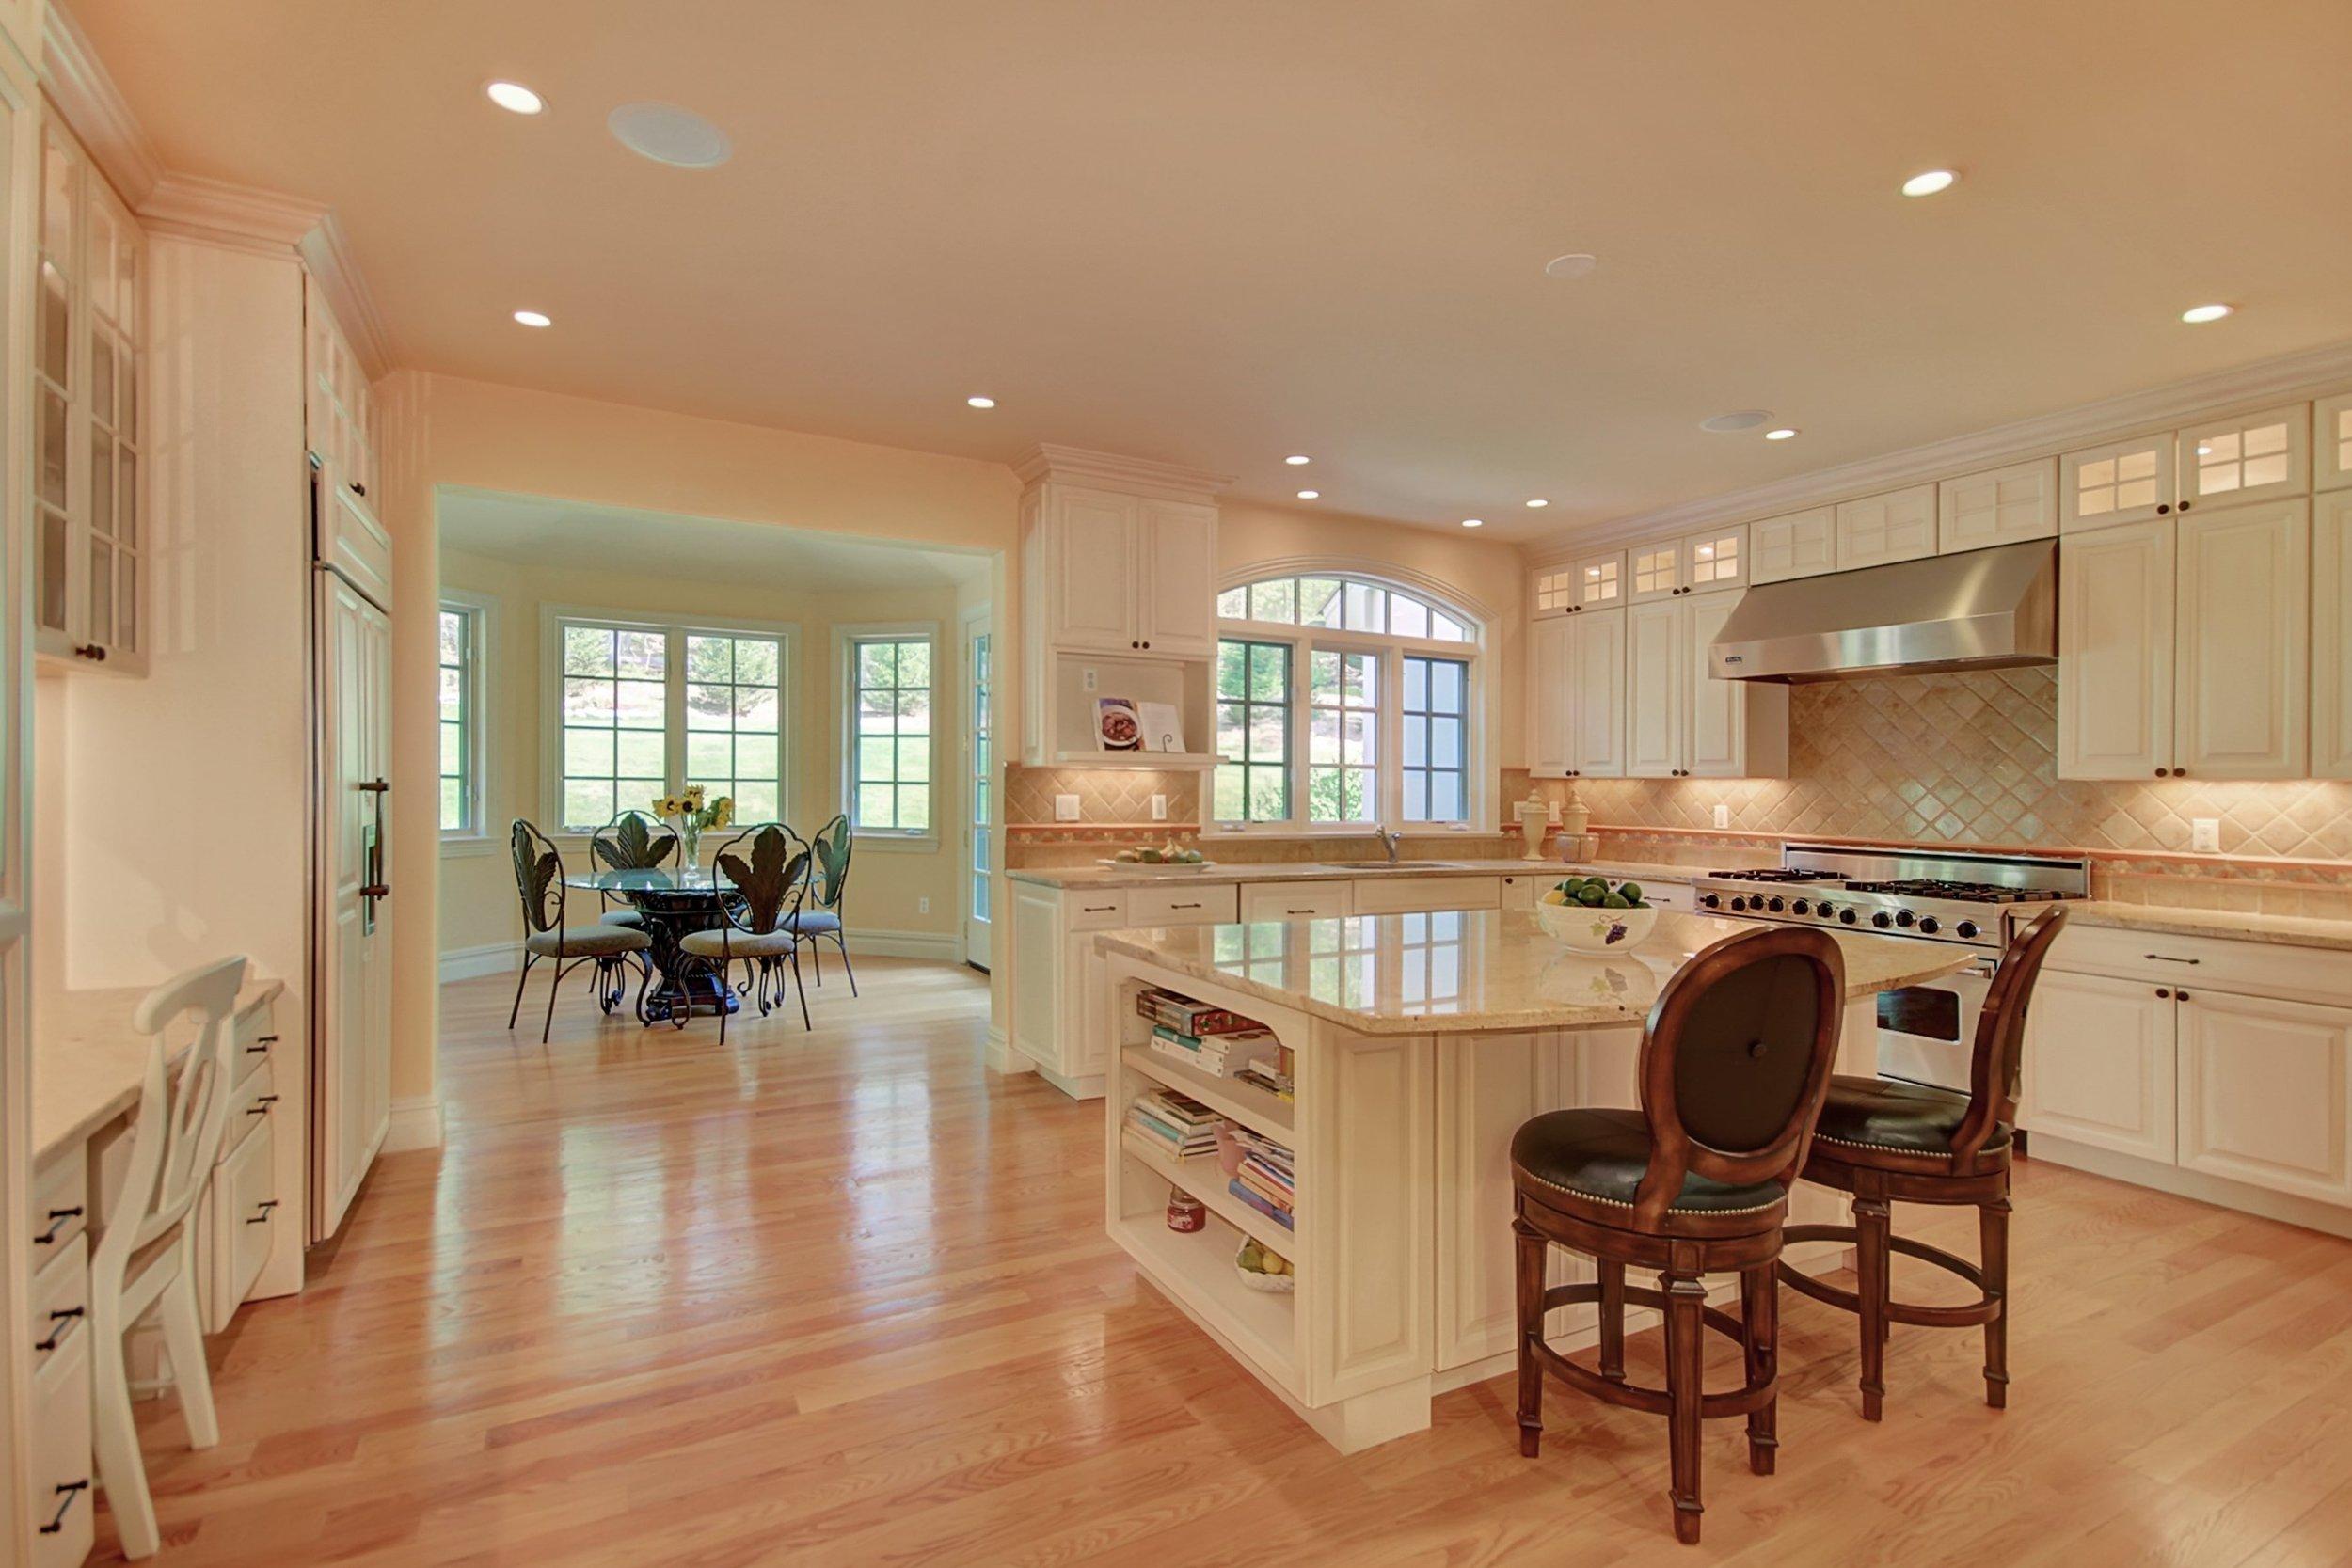 13 Laurelwood kitchen.jpg